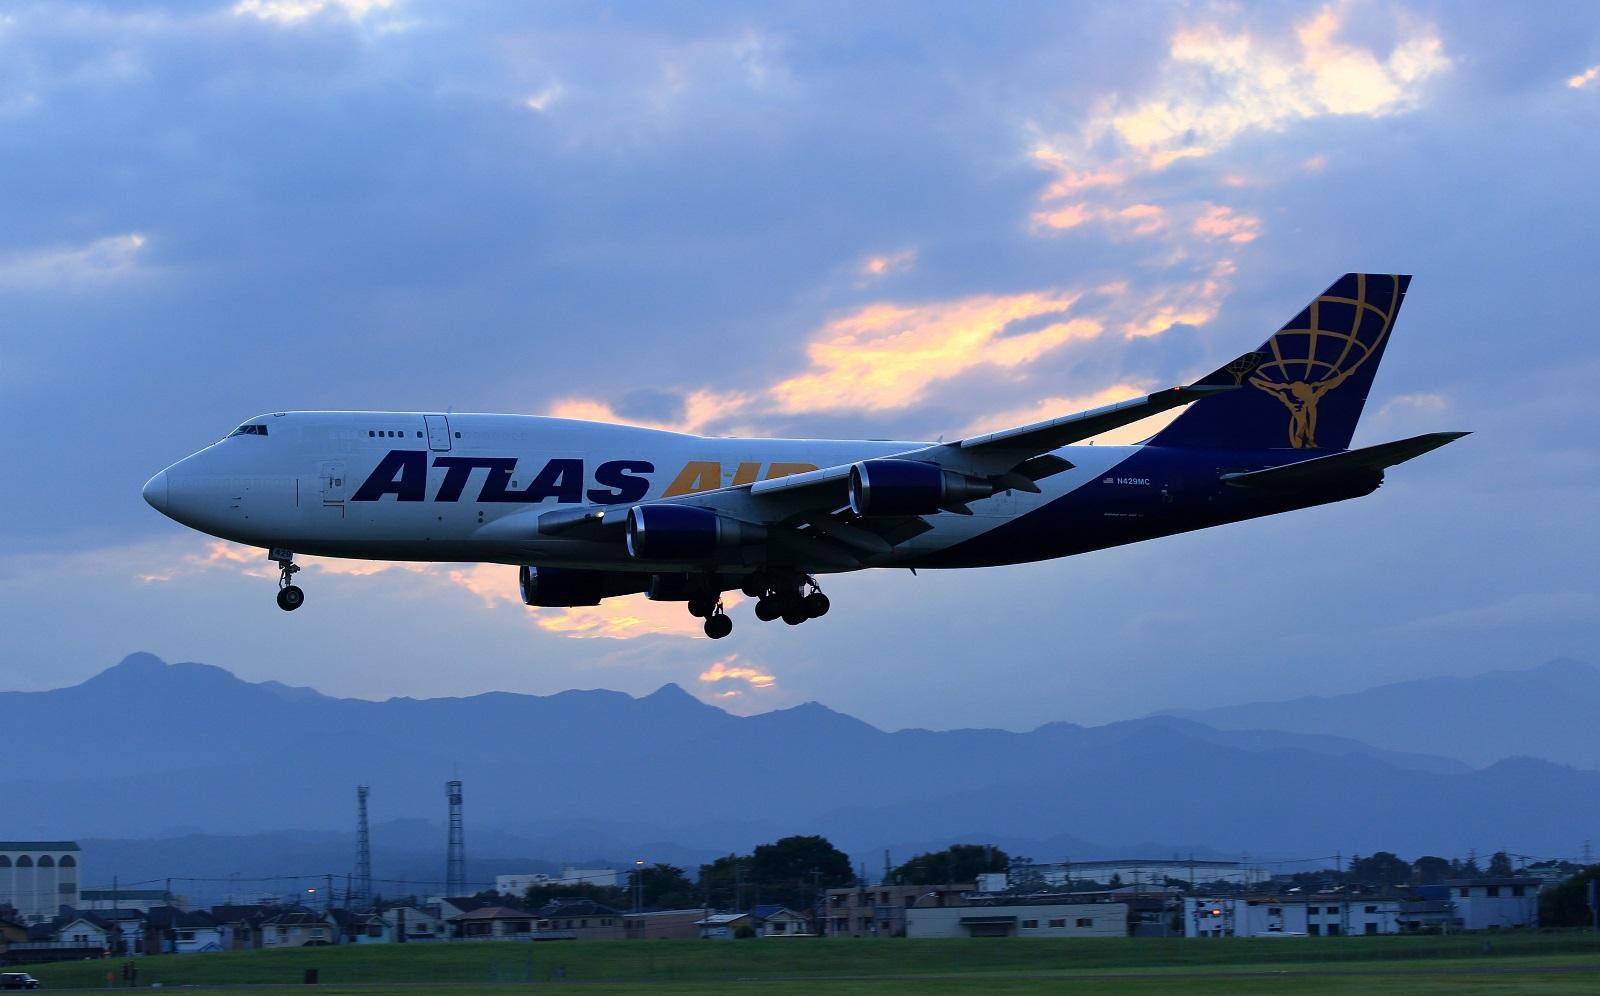 Atlas170903tk435